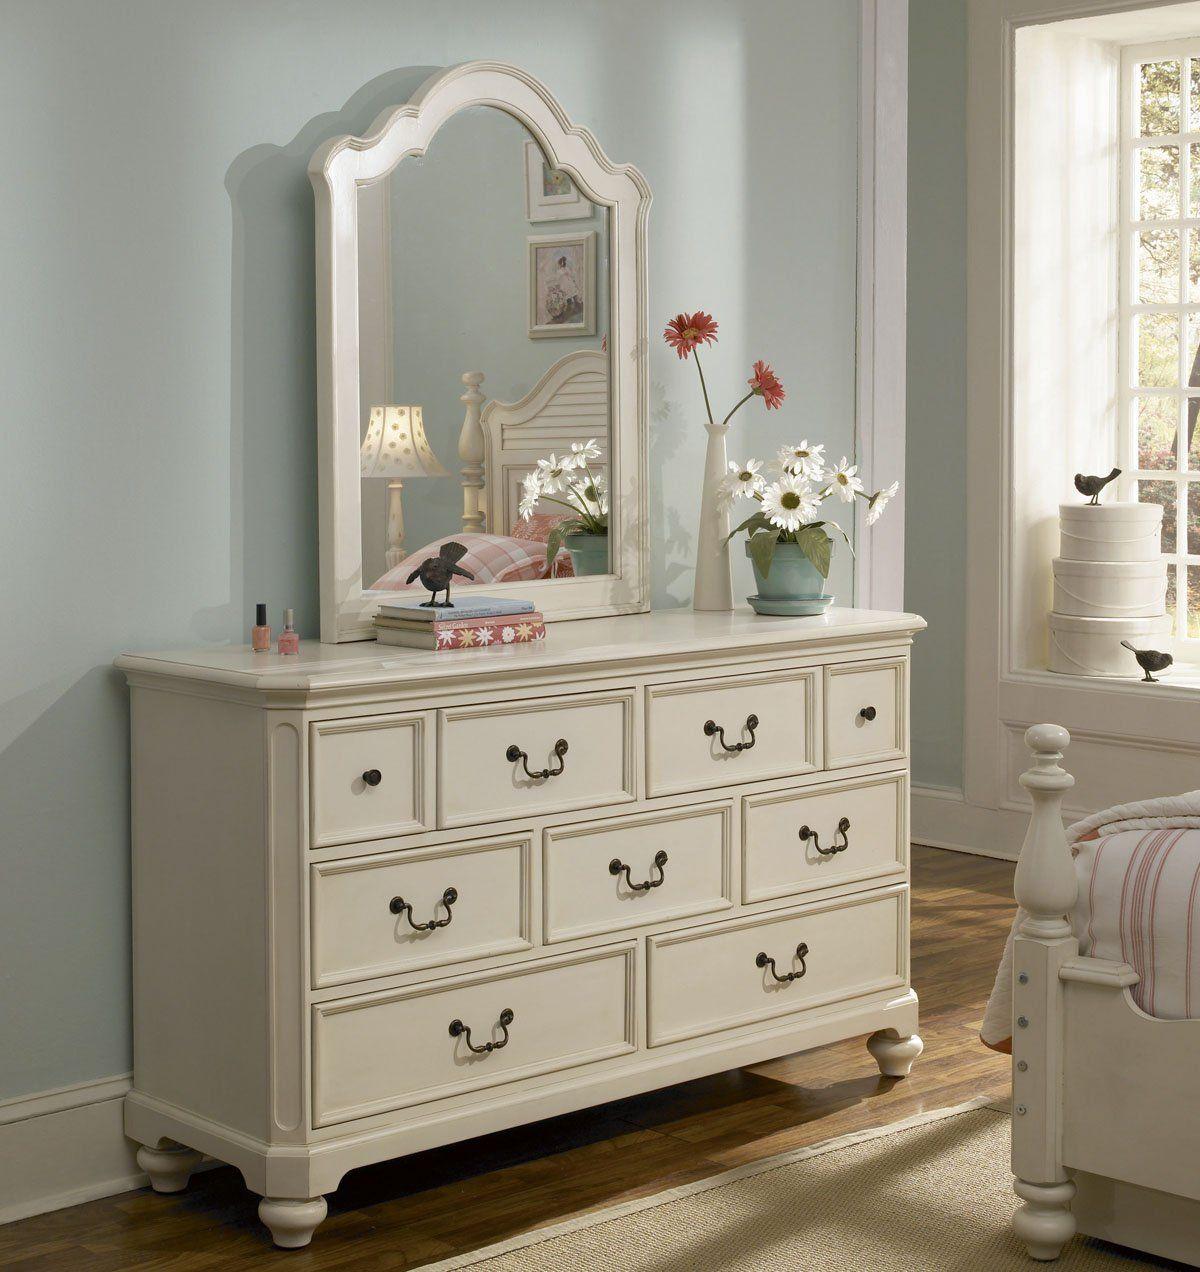 Best Amazon Com Lea Retreat White 7 Drawer Dresser W Vertical Mirror In Antique White Bedandbath 640 x 480